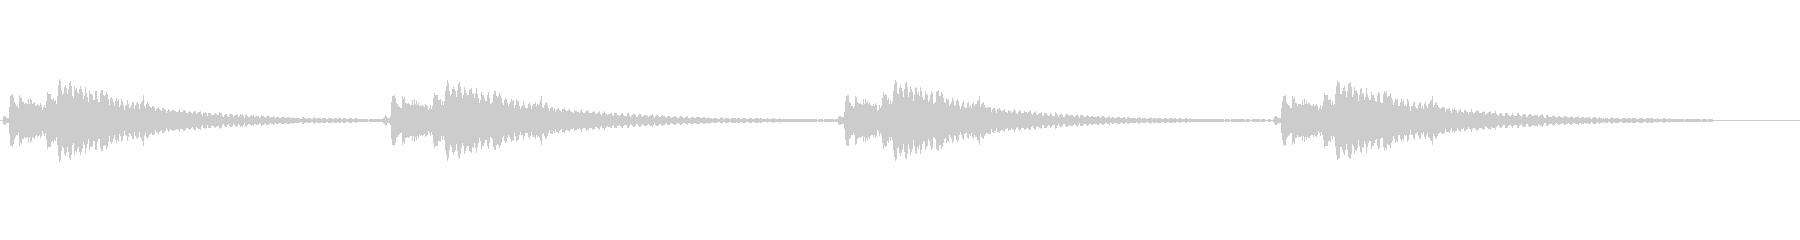 琴でジャラララ~2の未再生の波形